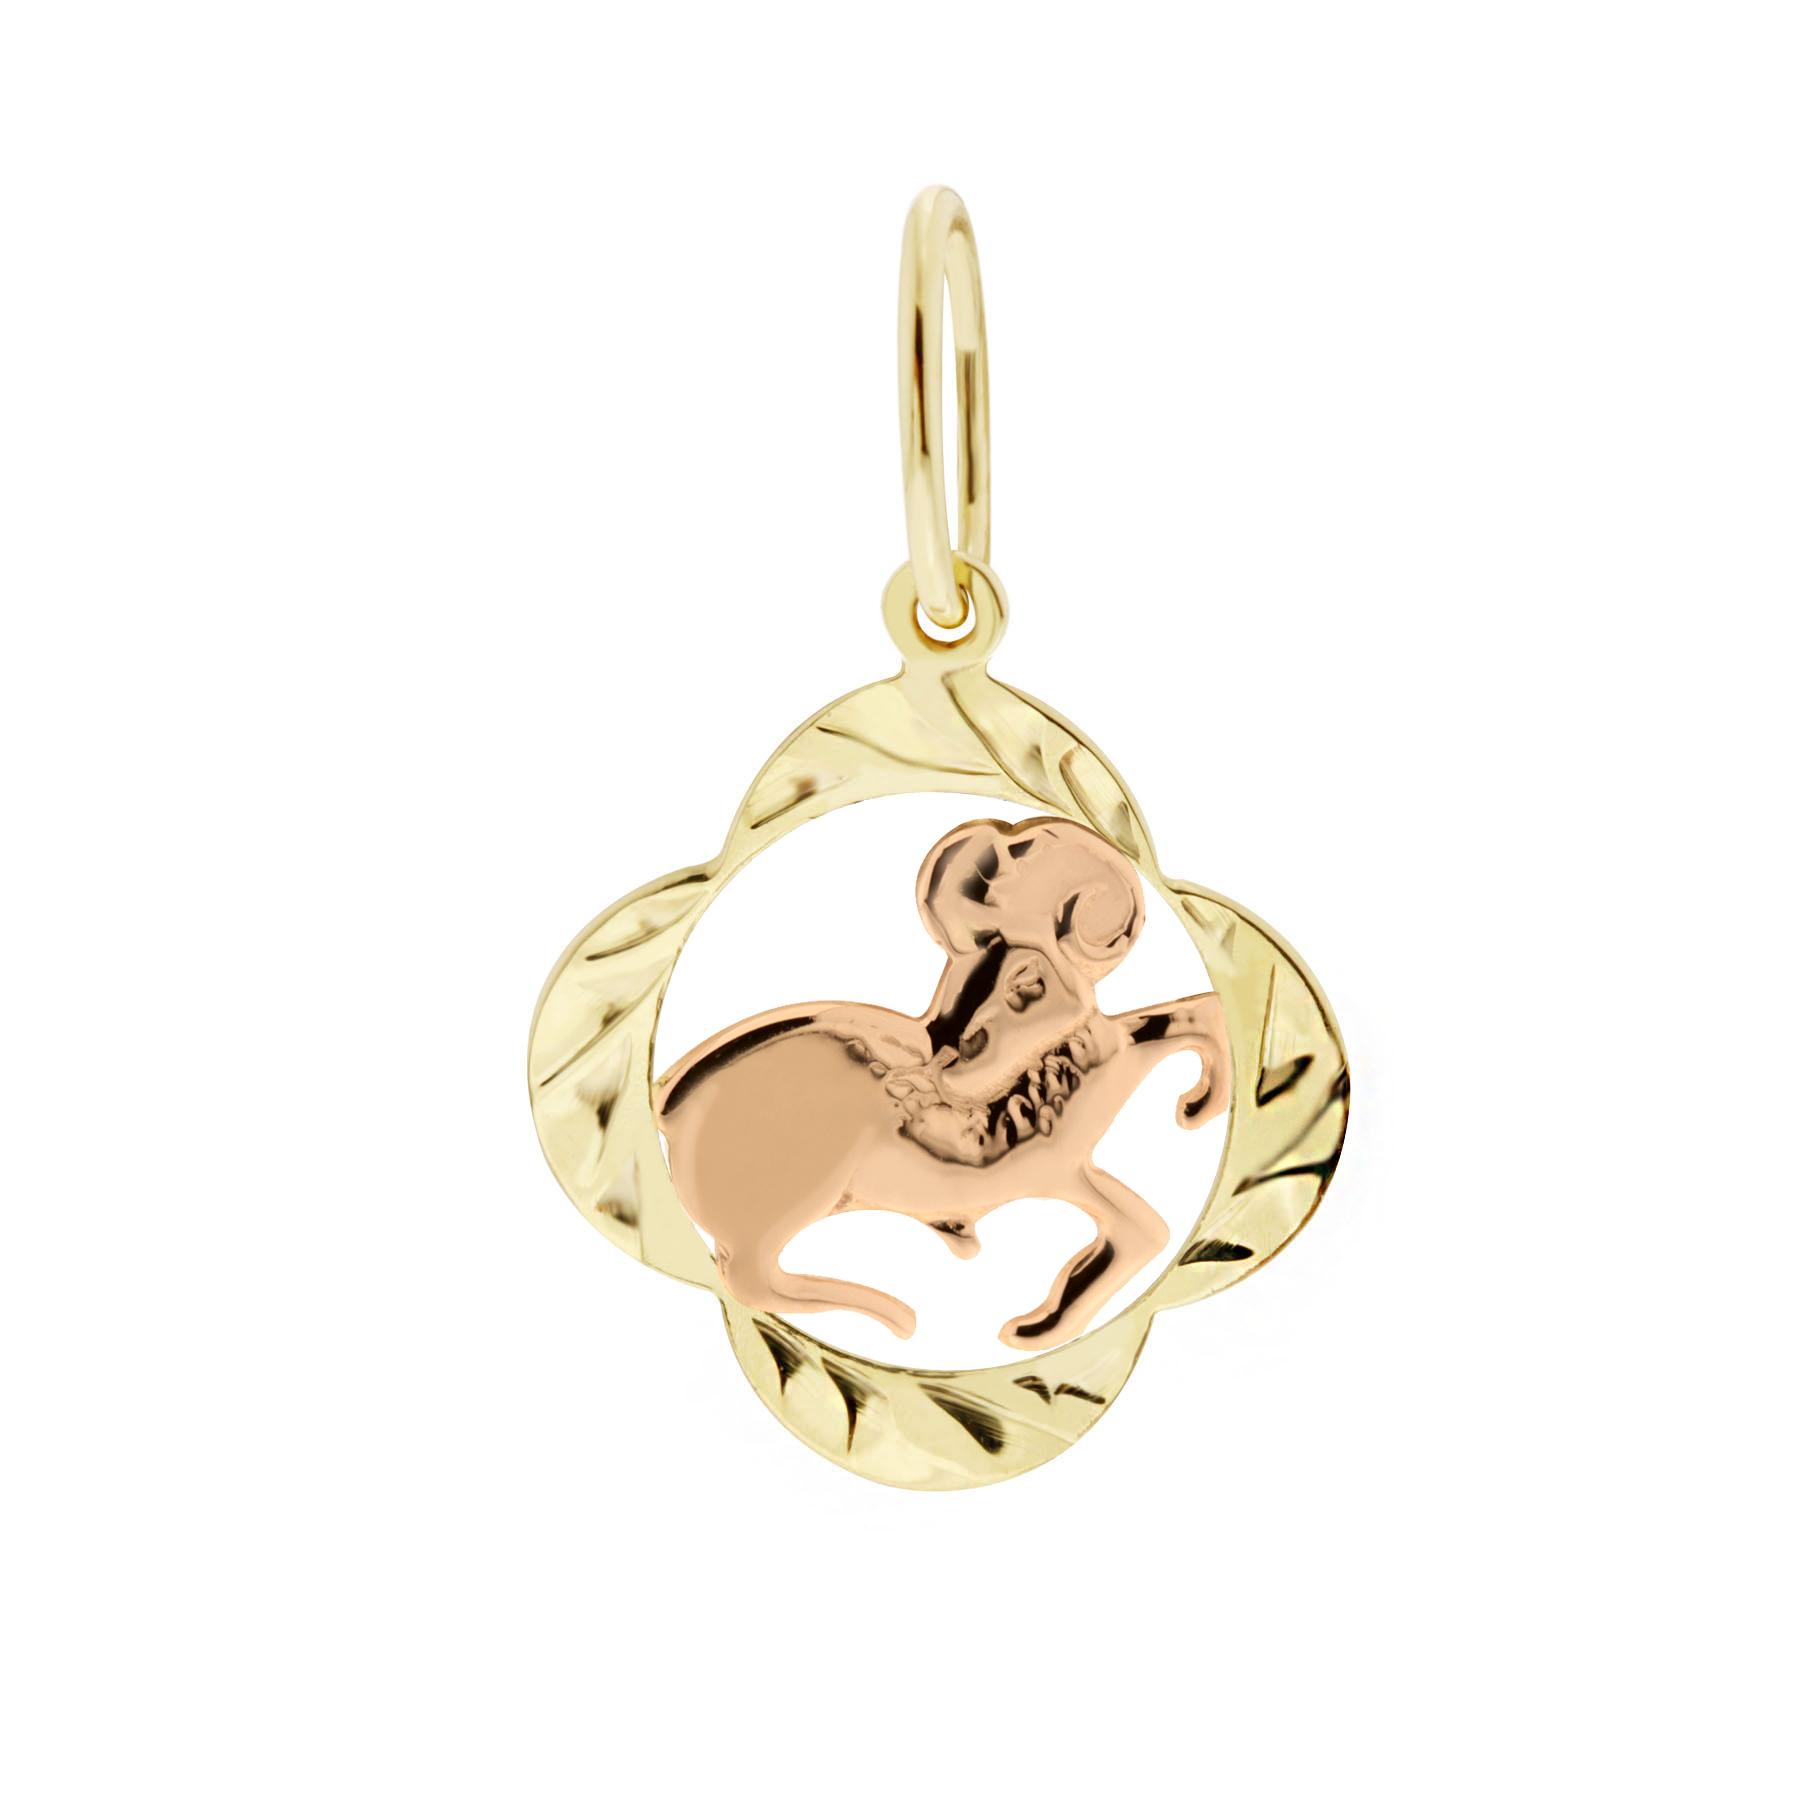 Zlatý přívěsek - znamení zvěrokruhu Beran Tvar: Čtyřlístek, rytý rámeček